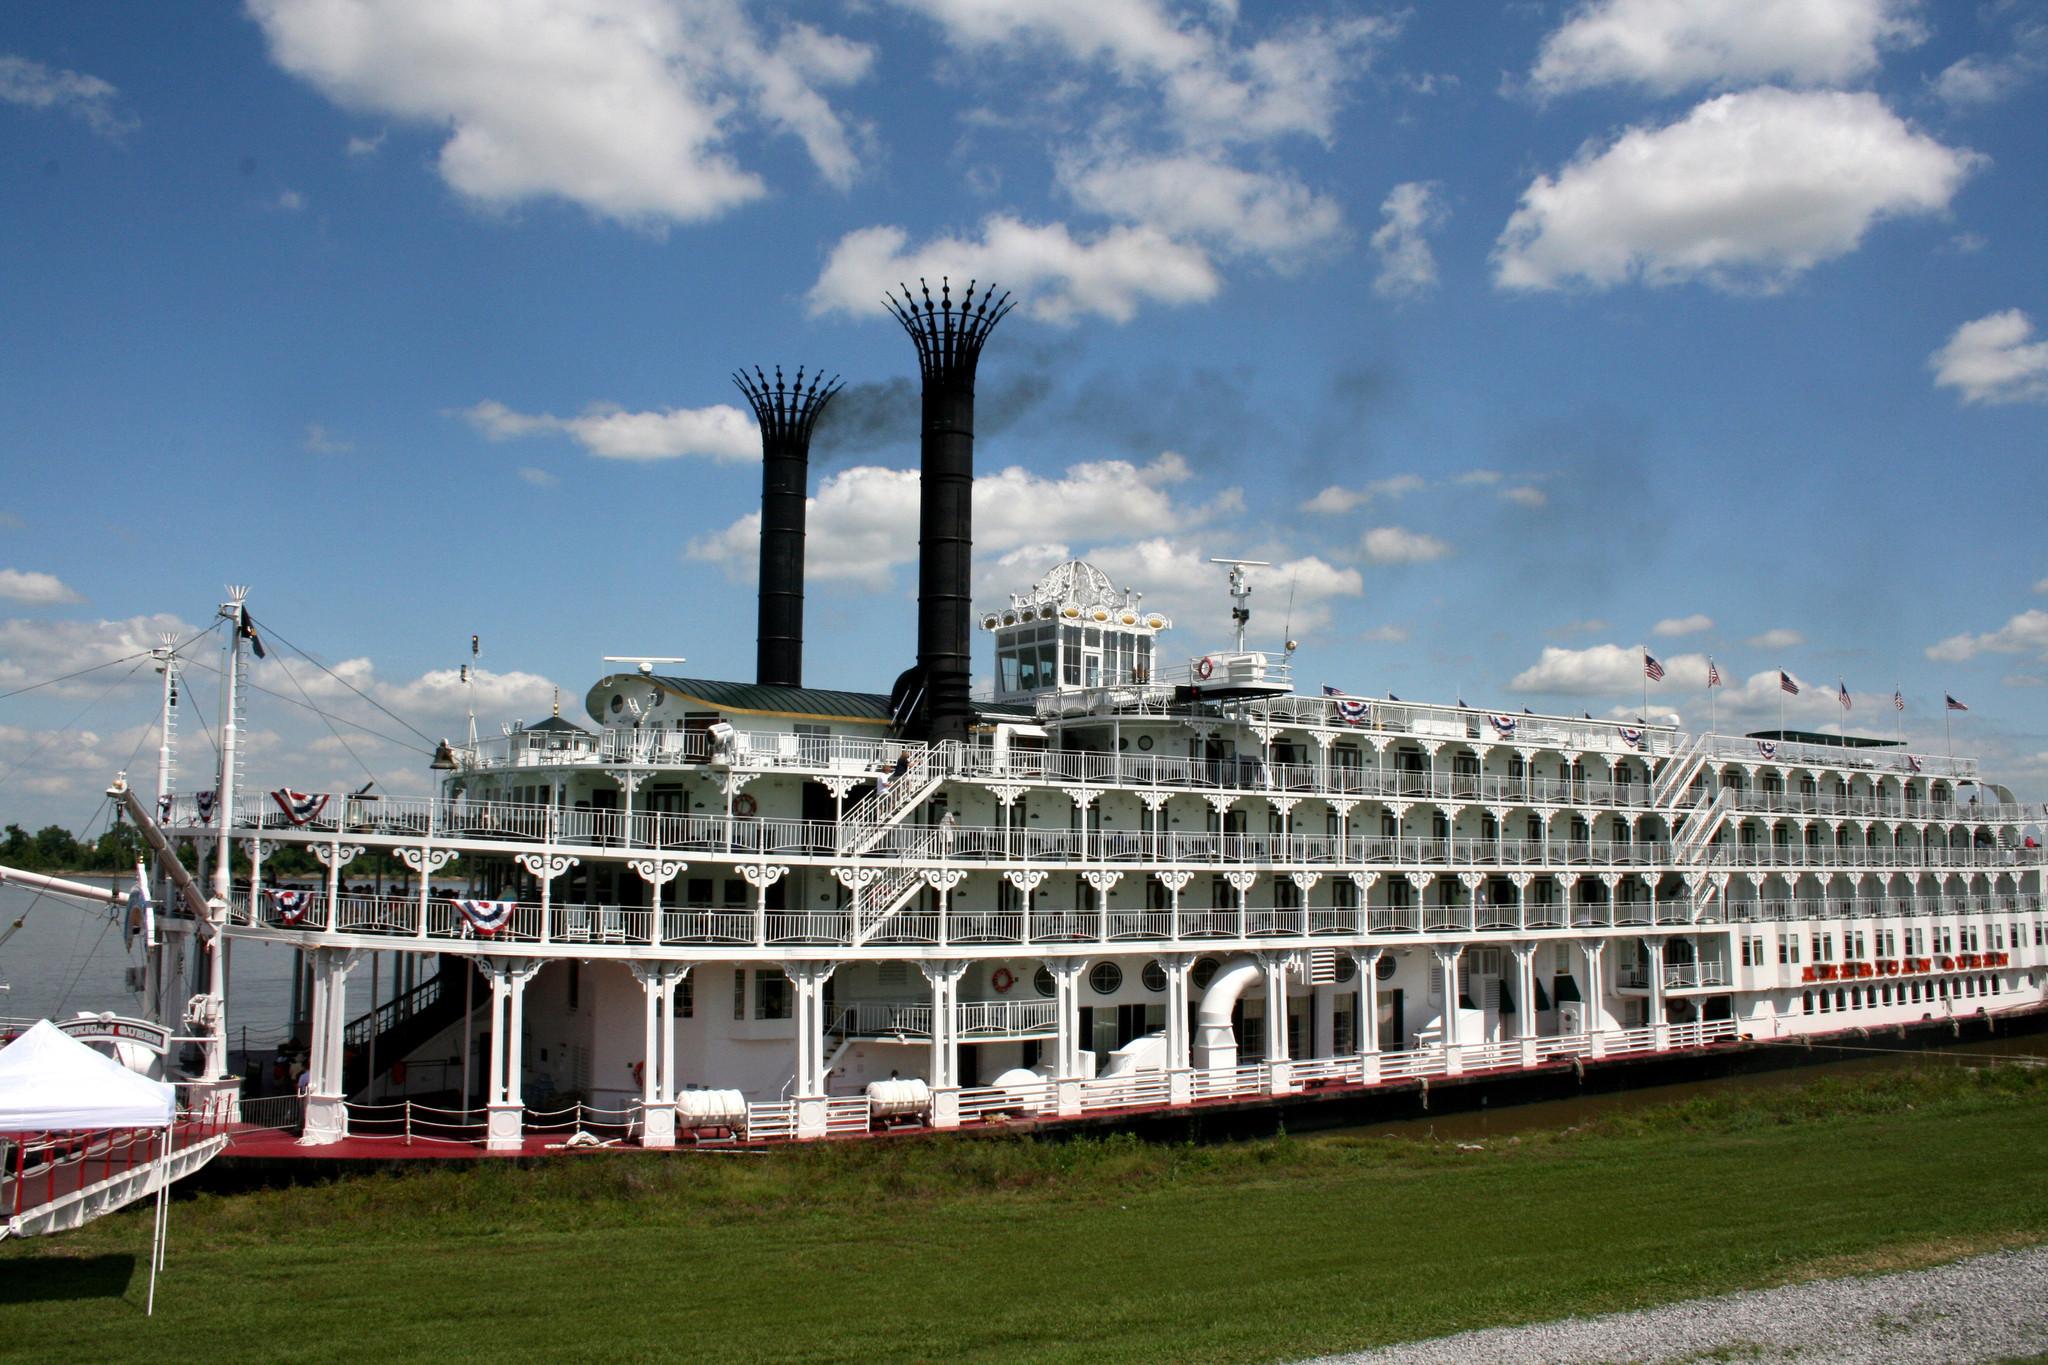 The American Queen docked in Vacherie, Louisiana.